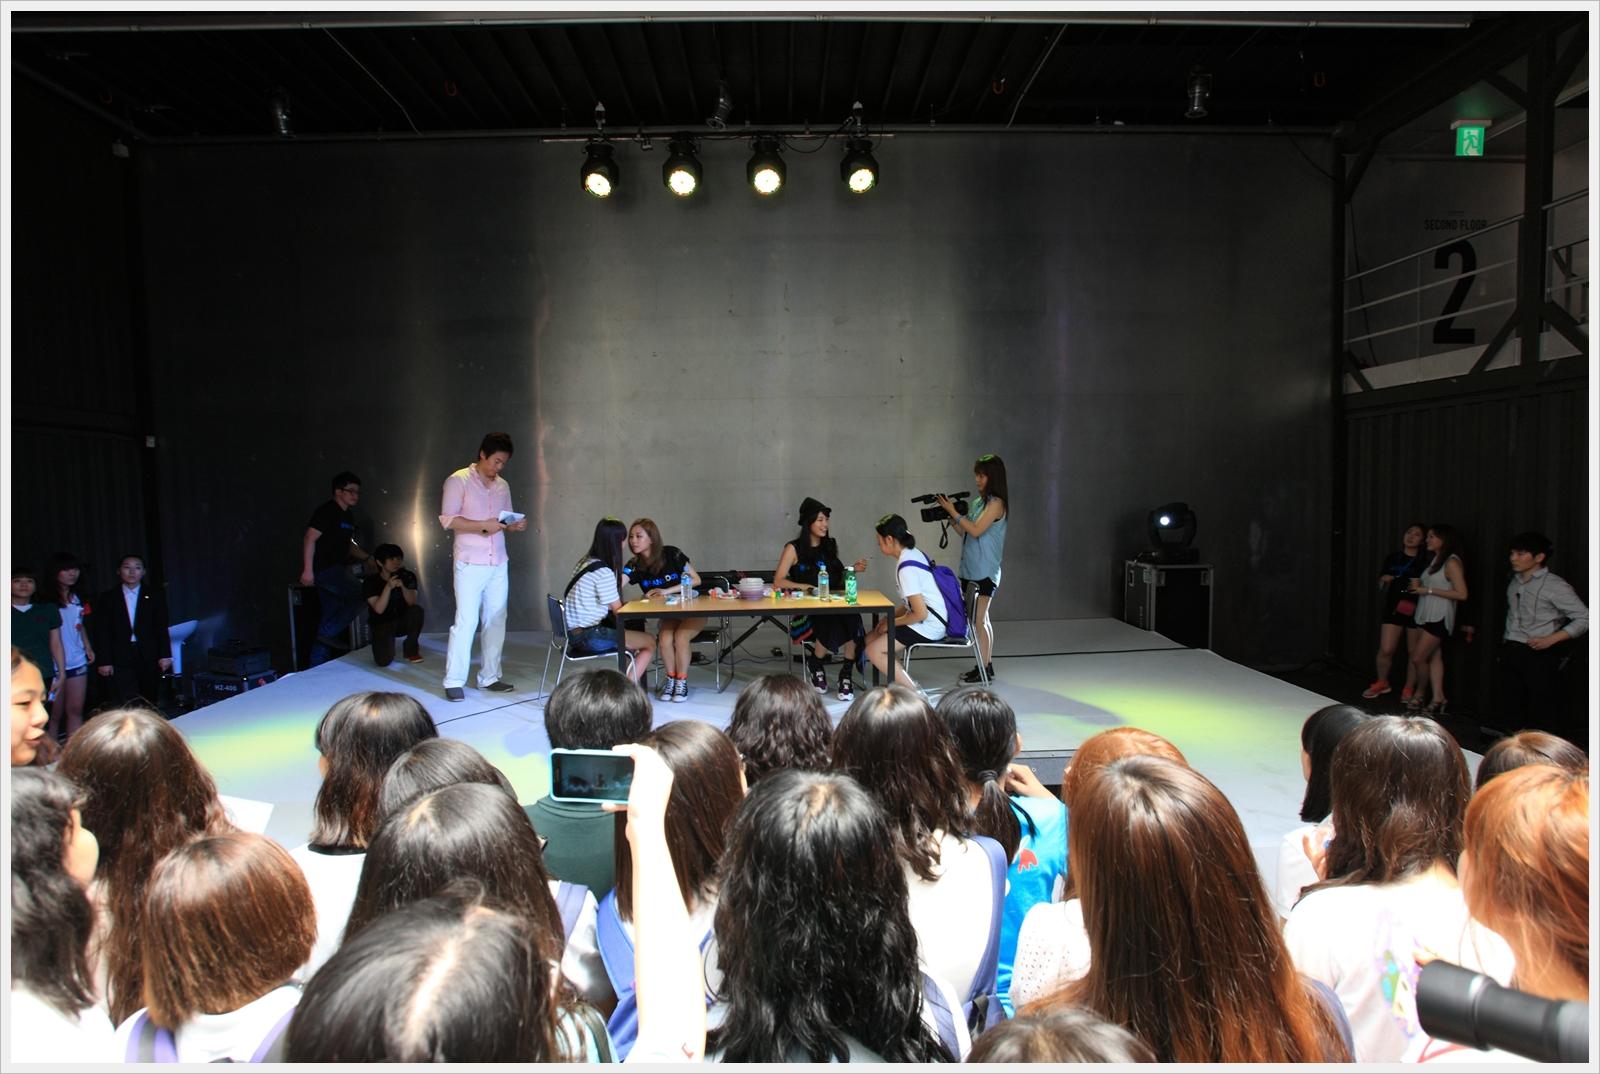 [FAN's Day] miss A - 'Fei & Suzy' in FAN's Day http://t.co/NSeNKLhY